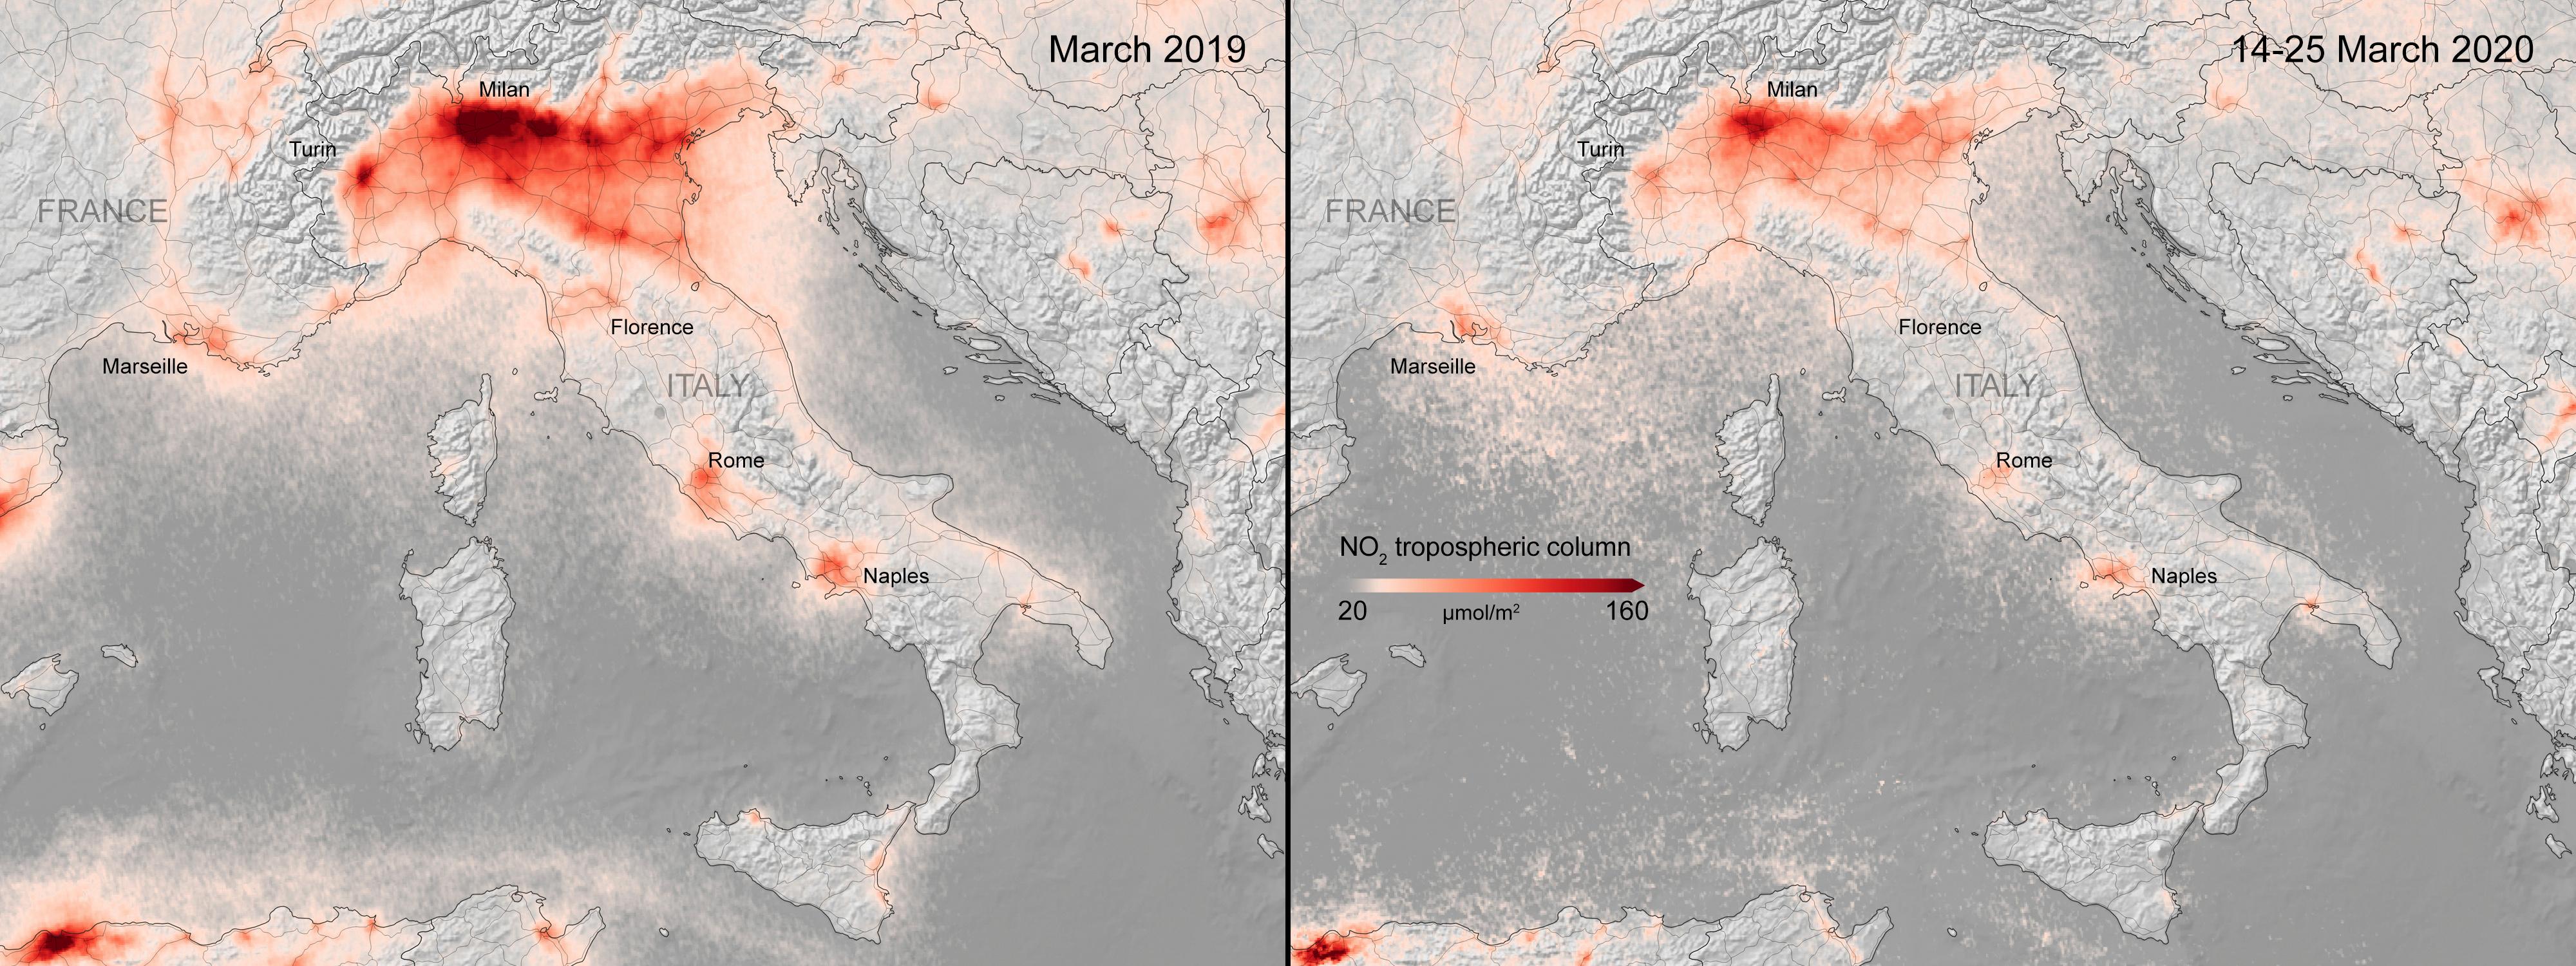 Dos imágenes de Italia tomadas por la Agencia Espacial Europea, de 2019 y 2020, muestran cómo se redujo la contaminación por el paro económico que causó el COVID-19 (ESA/ Handout vía Reuters)